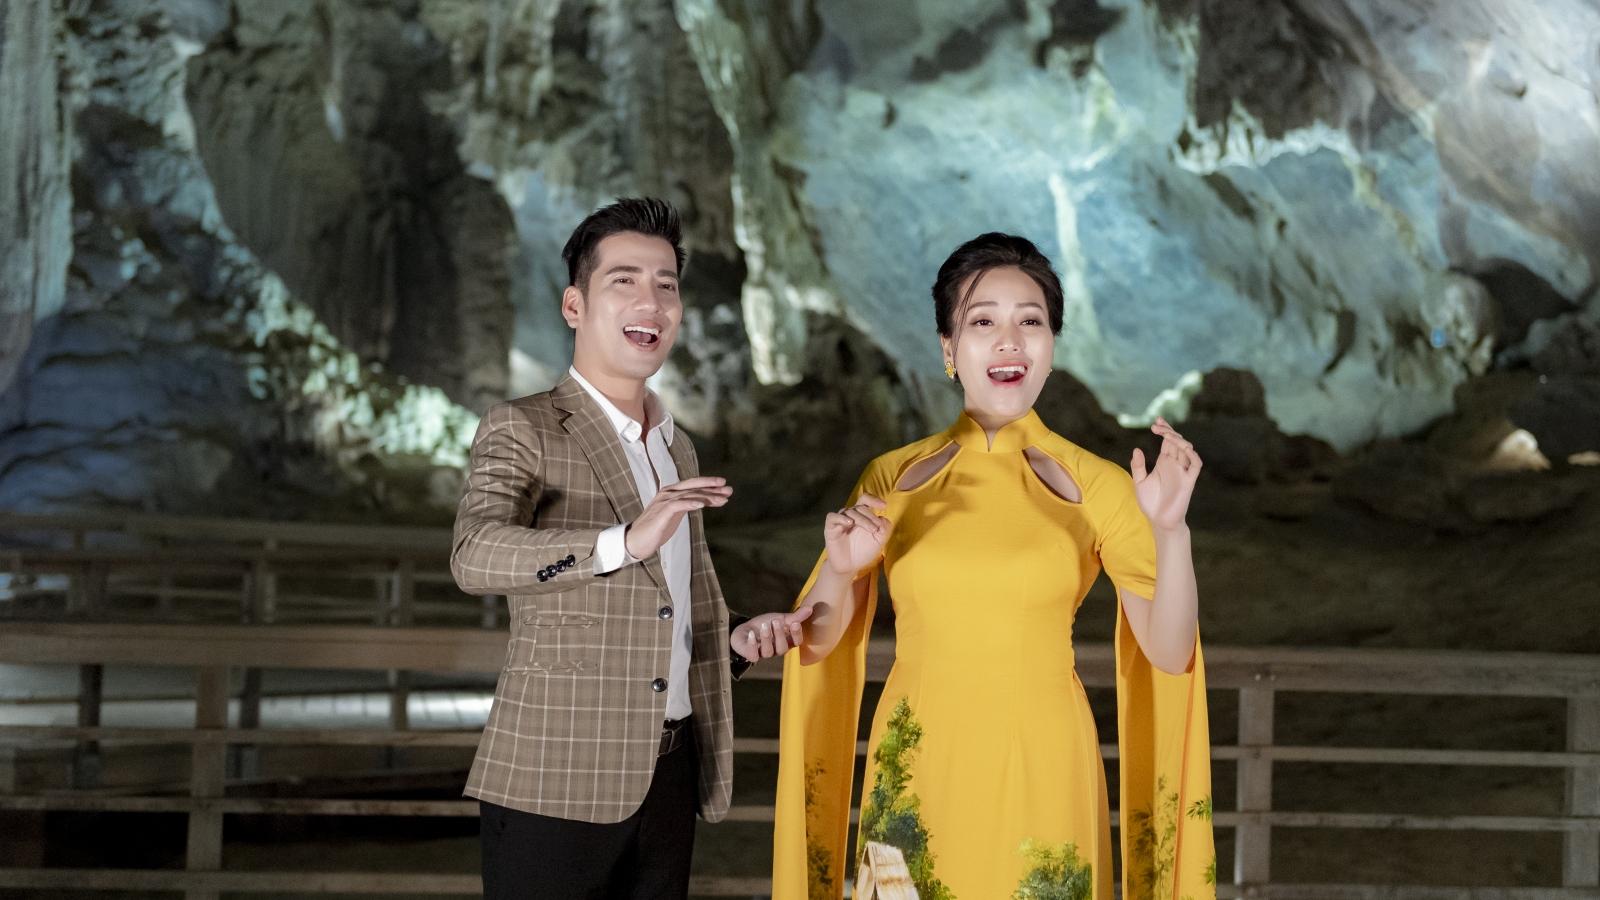 """Quảng Bình mộc mạc, nên thơ trong MV mới của Trần Nguyên Thắng """"Quảng Bình quê anh"""""""